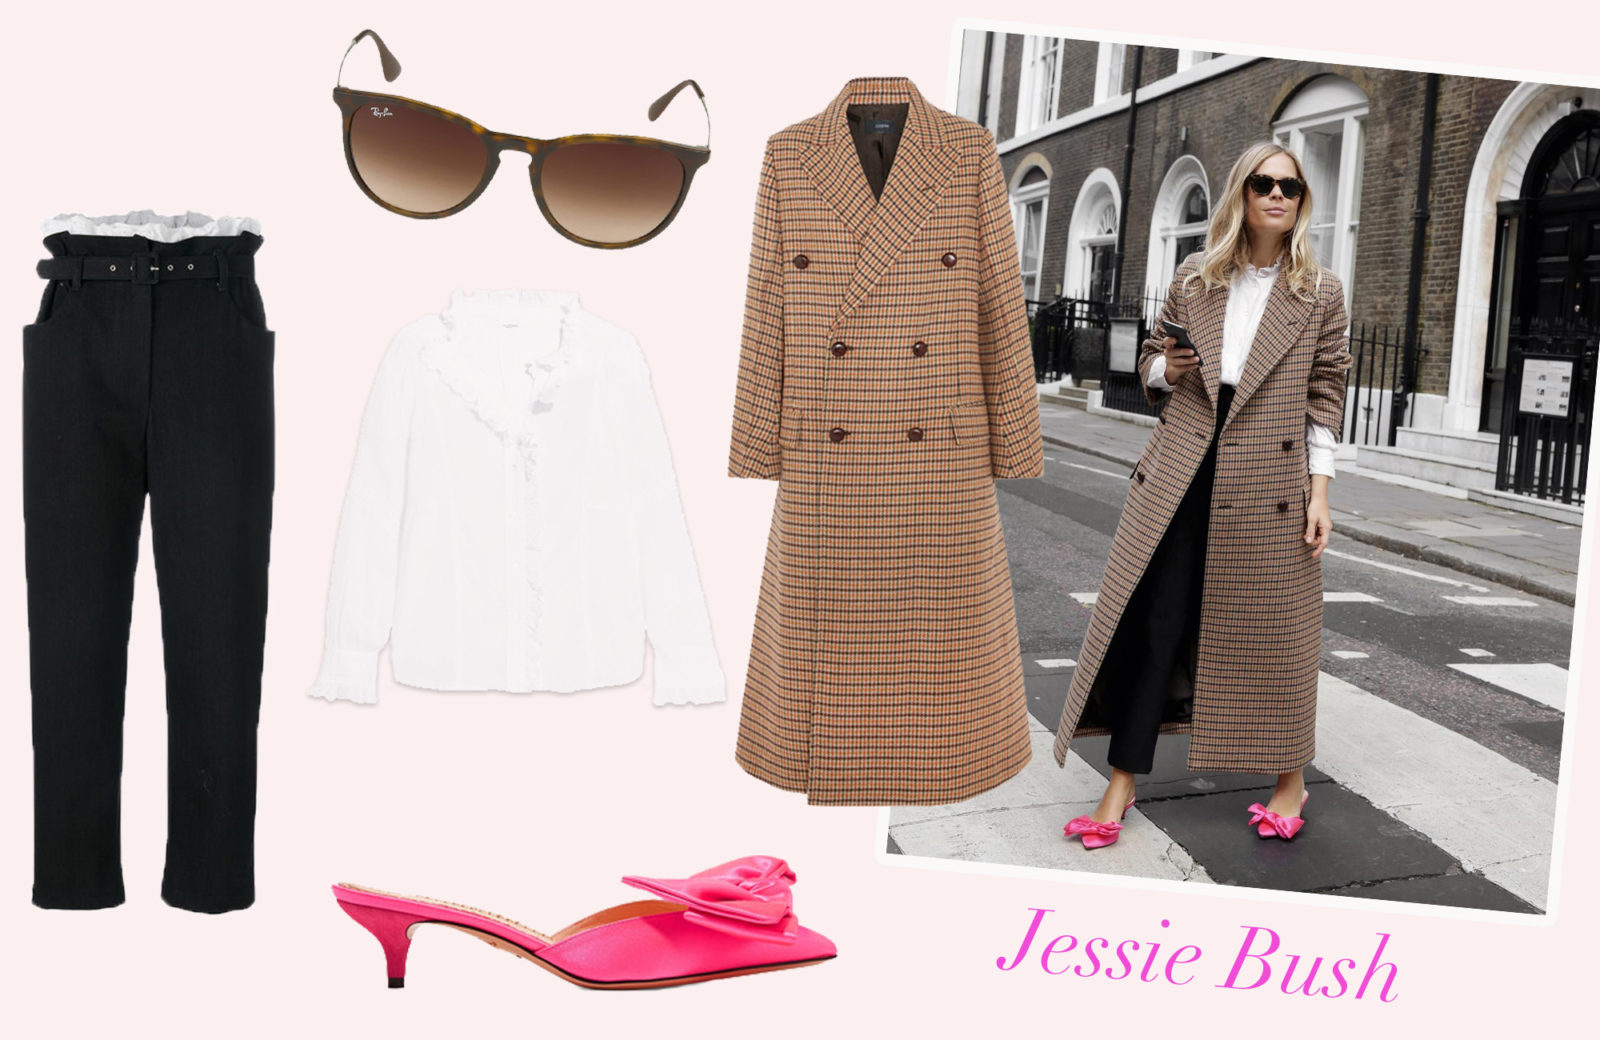 97dee95bbed1b7 Auf Jessie Bush ist in Sachen Streetstyle Verlass. Sie kombiniert in ihrem  Look die zwei Trends, die wir bei den vorher gezeigten Outfits gesehen  haben: ...